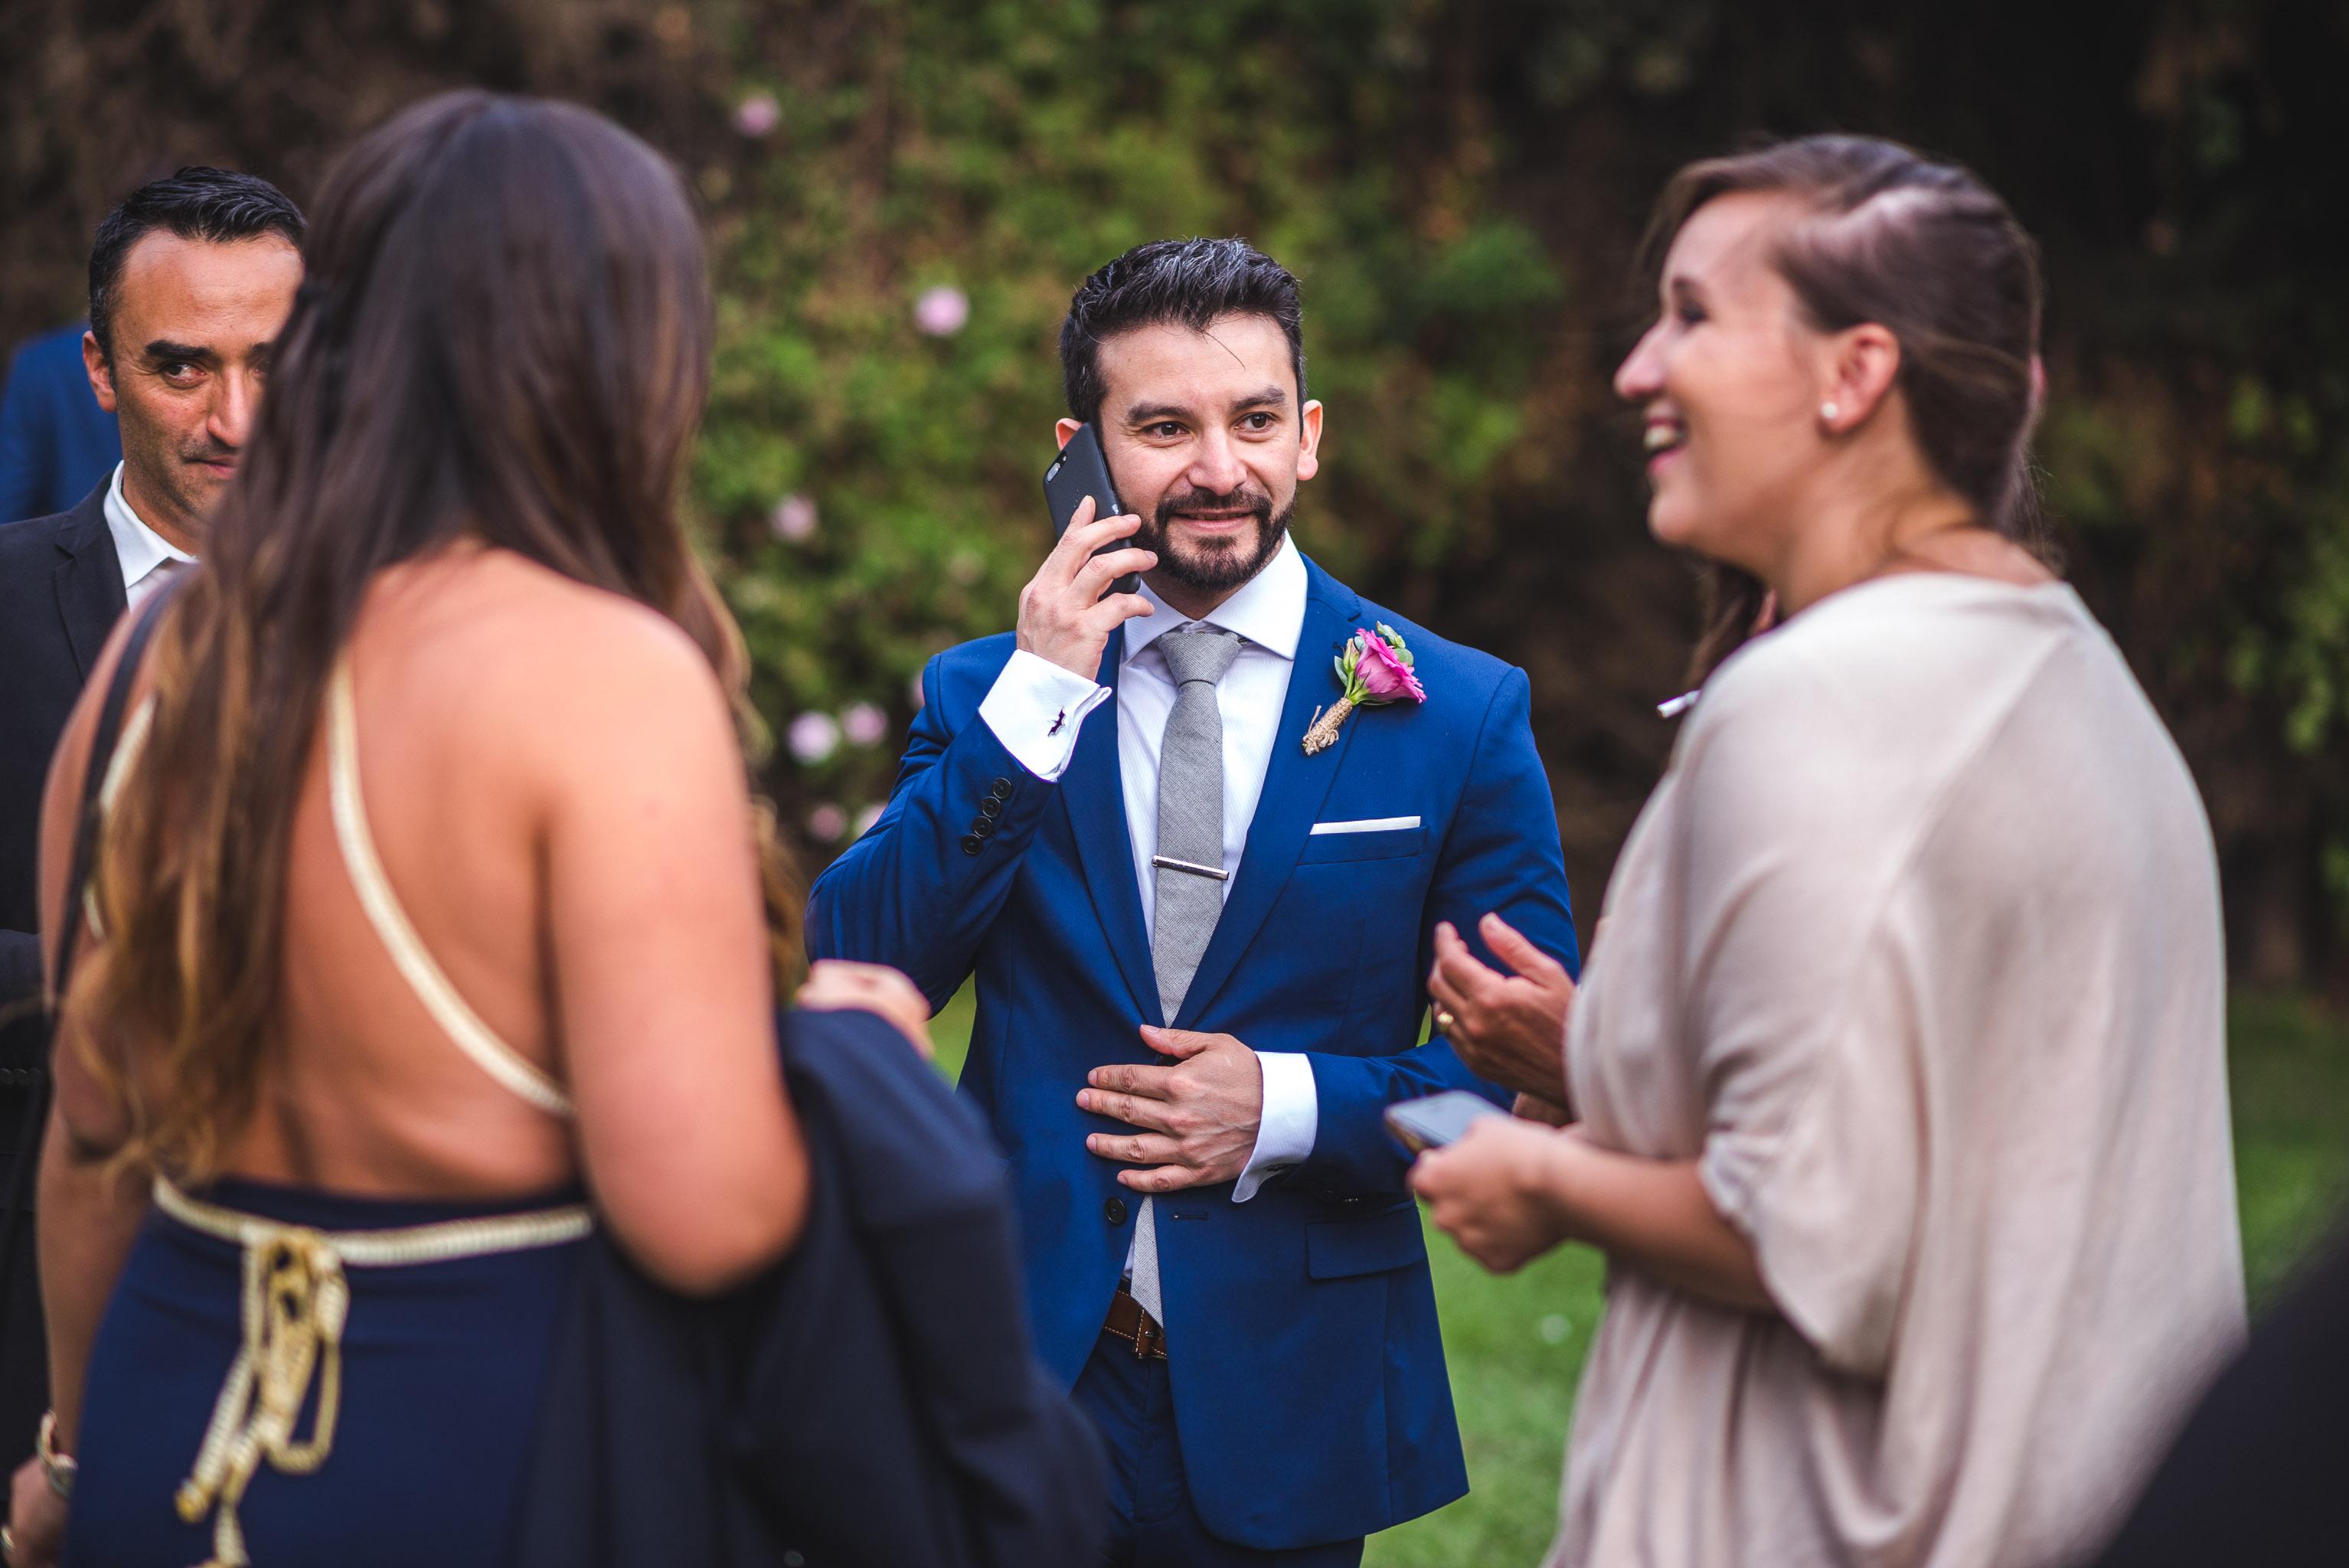 fotografo documental de matrimonios-fotografo matrimonio santiago-traje de novio